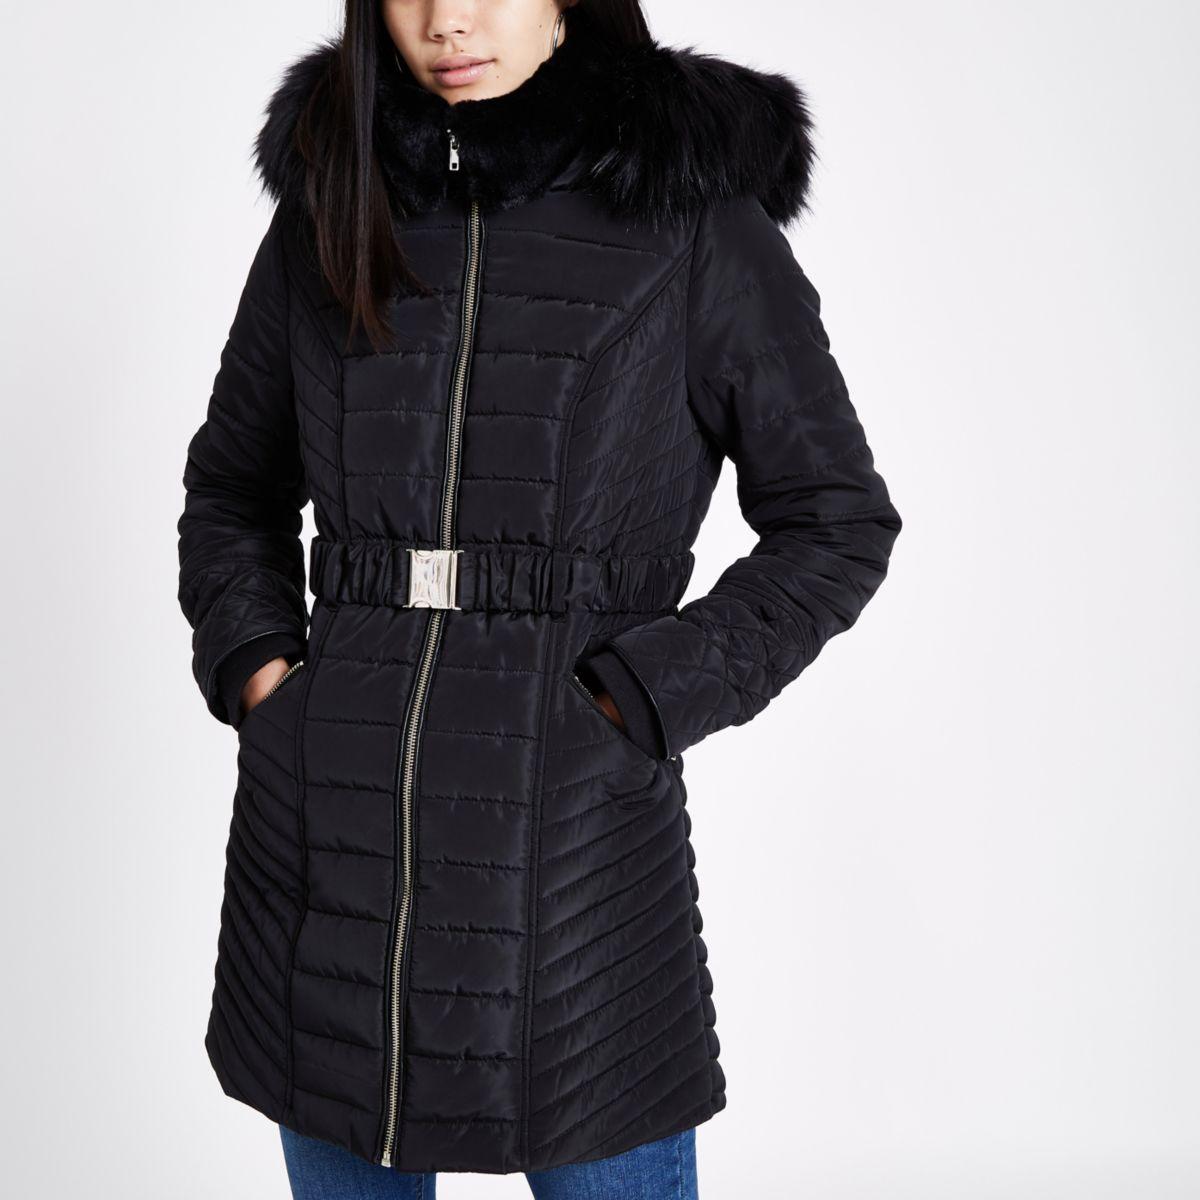 Black faux fur trim belted padded jacket